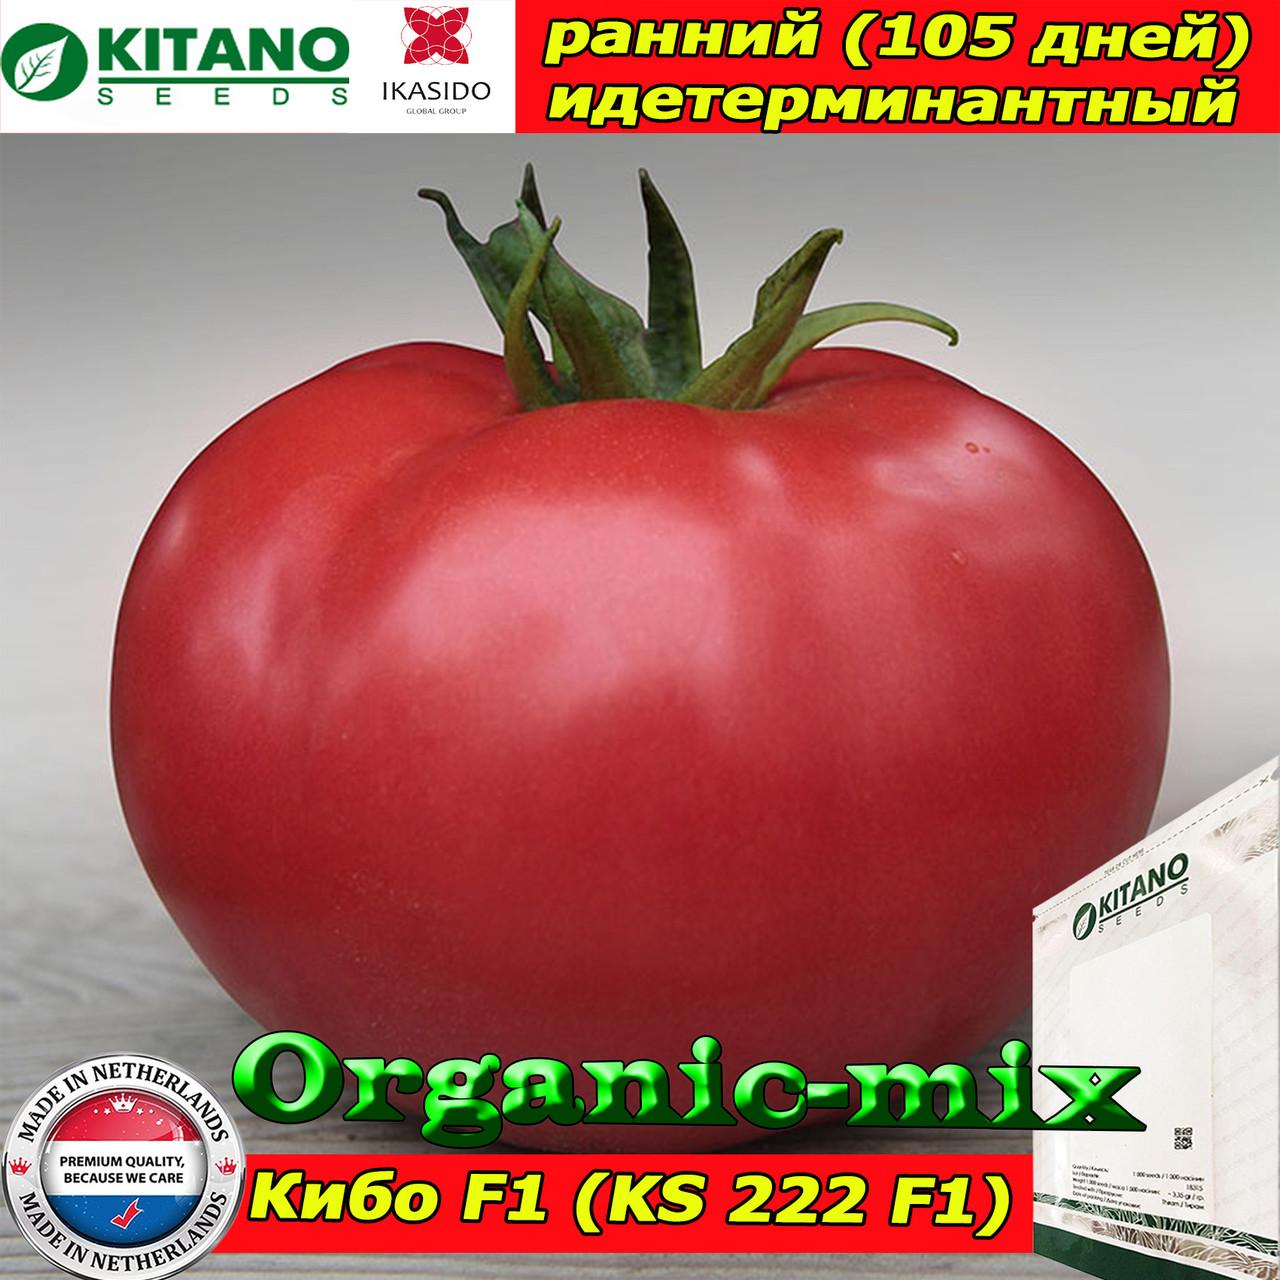 Семена, томат розовый КИБО F1 (KS 222), 100 семян, ТМ Kitano Seeds